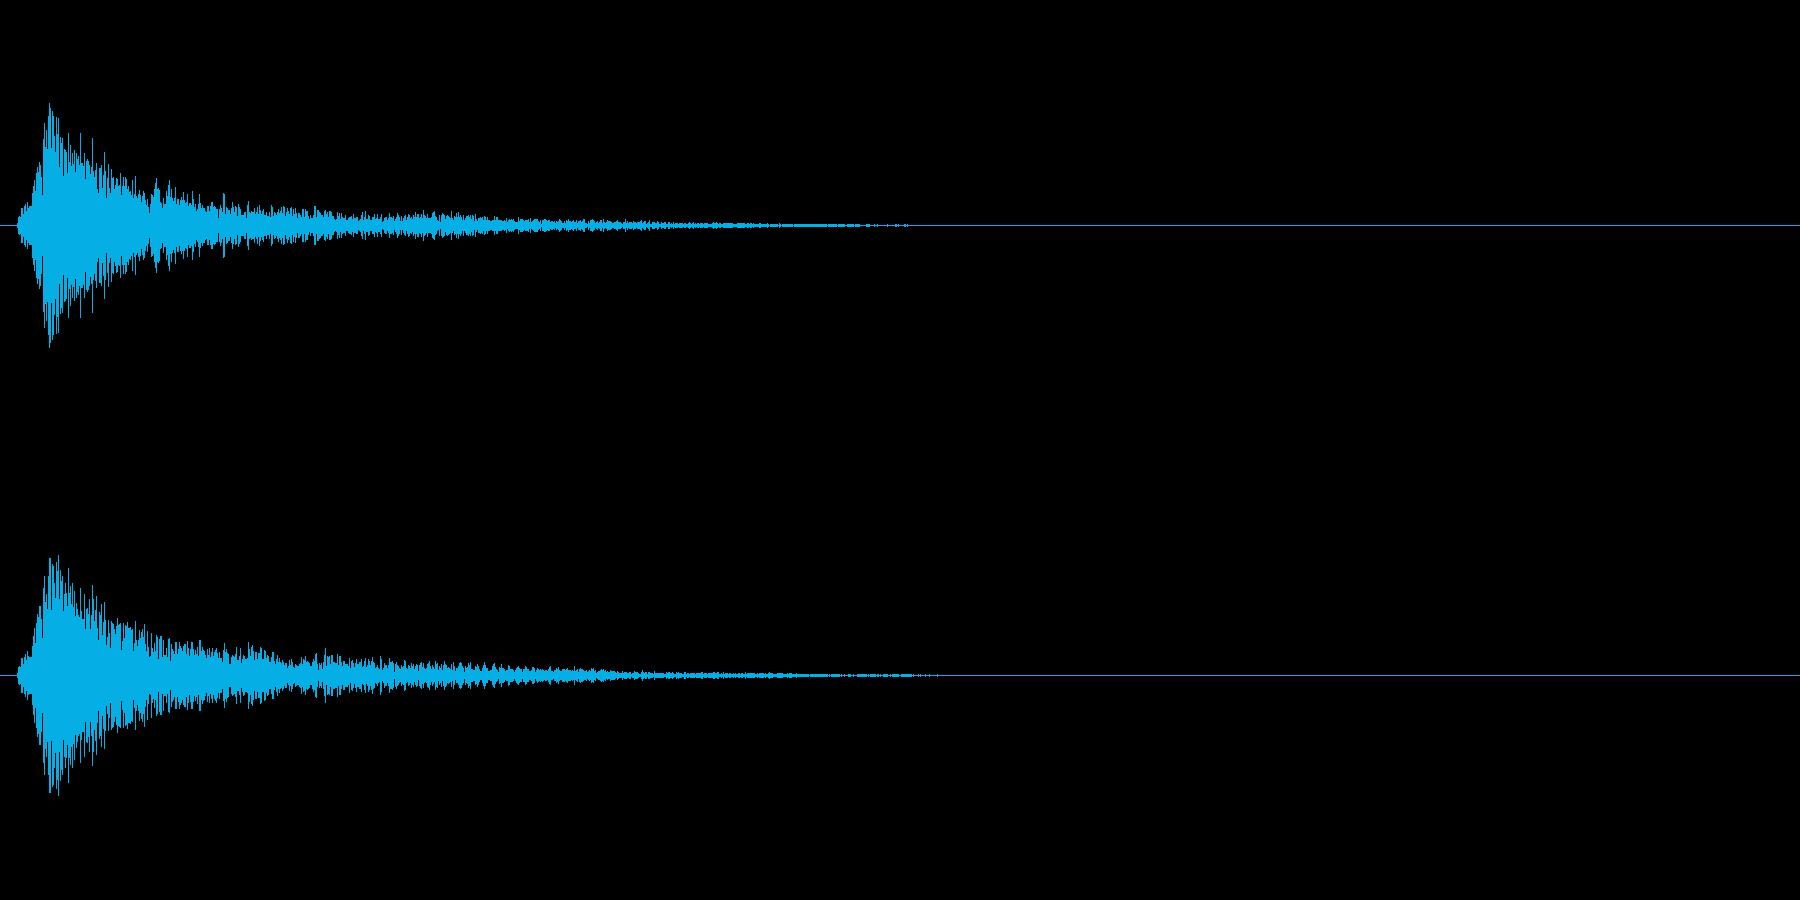 ゲームの決定音・カーソル音に向いた効果…の再生済みの波形